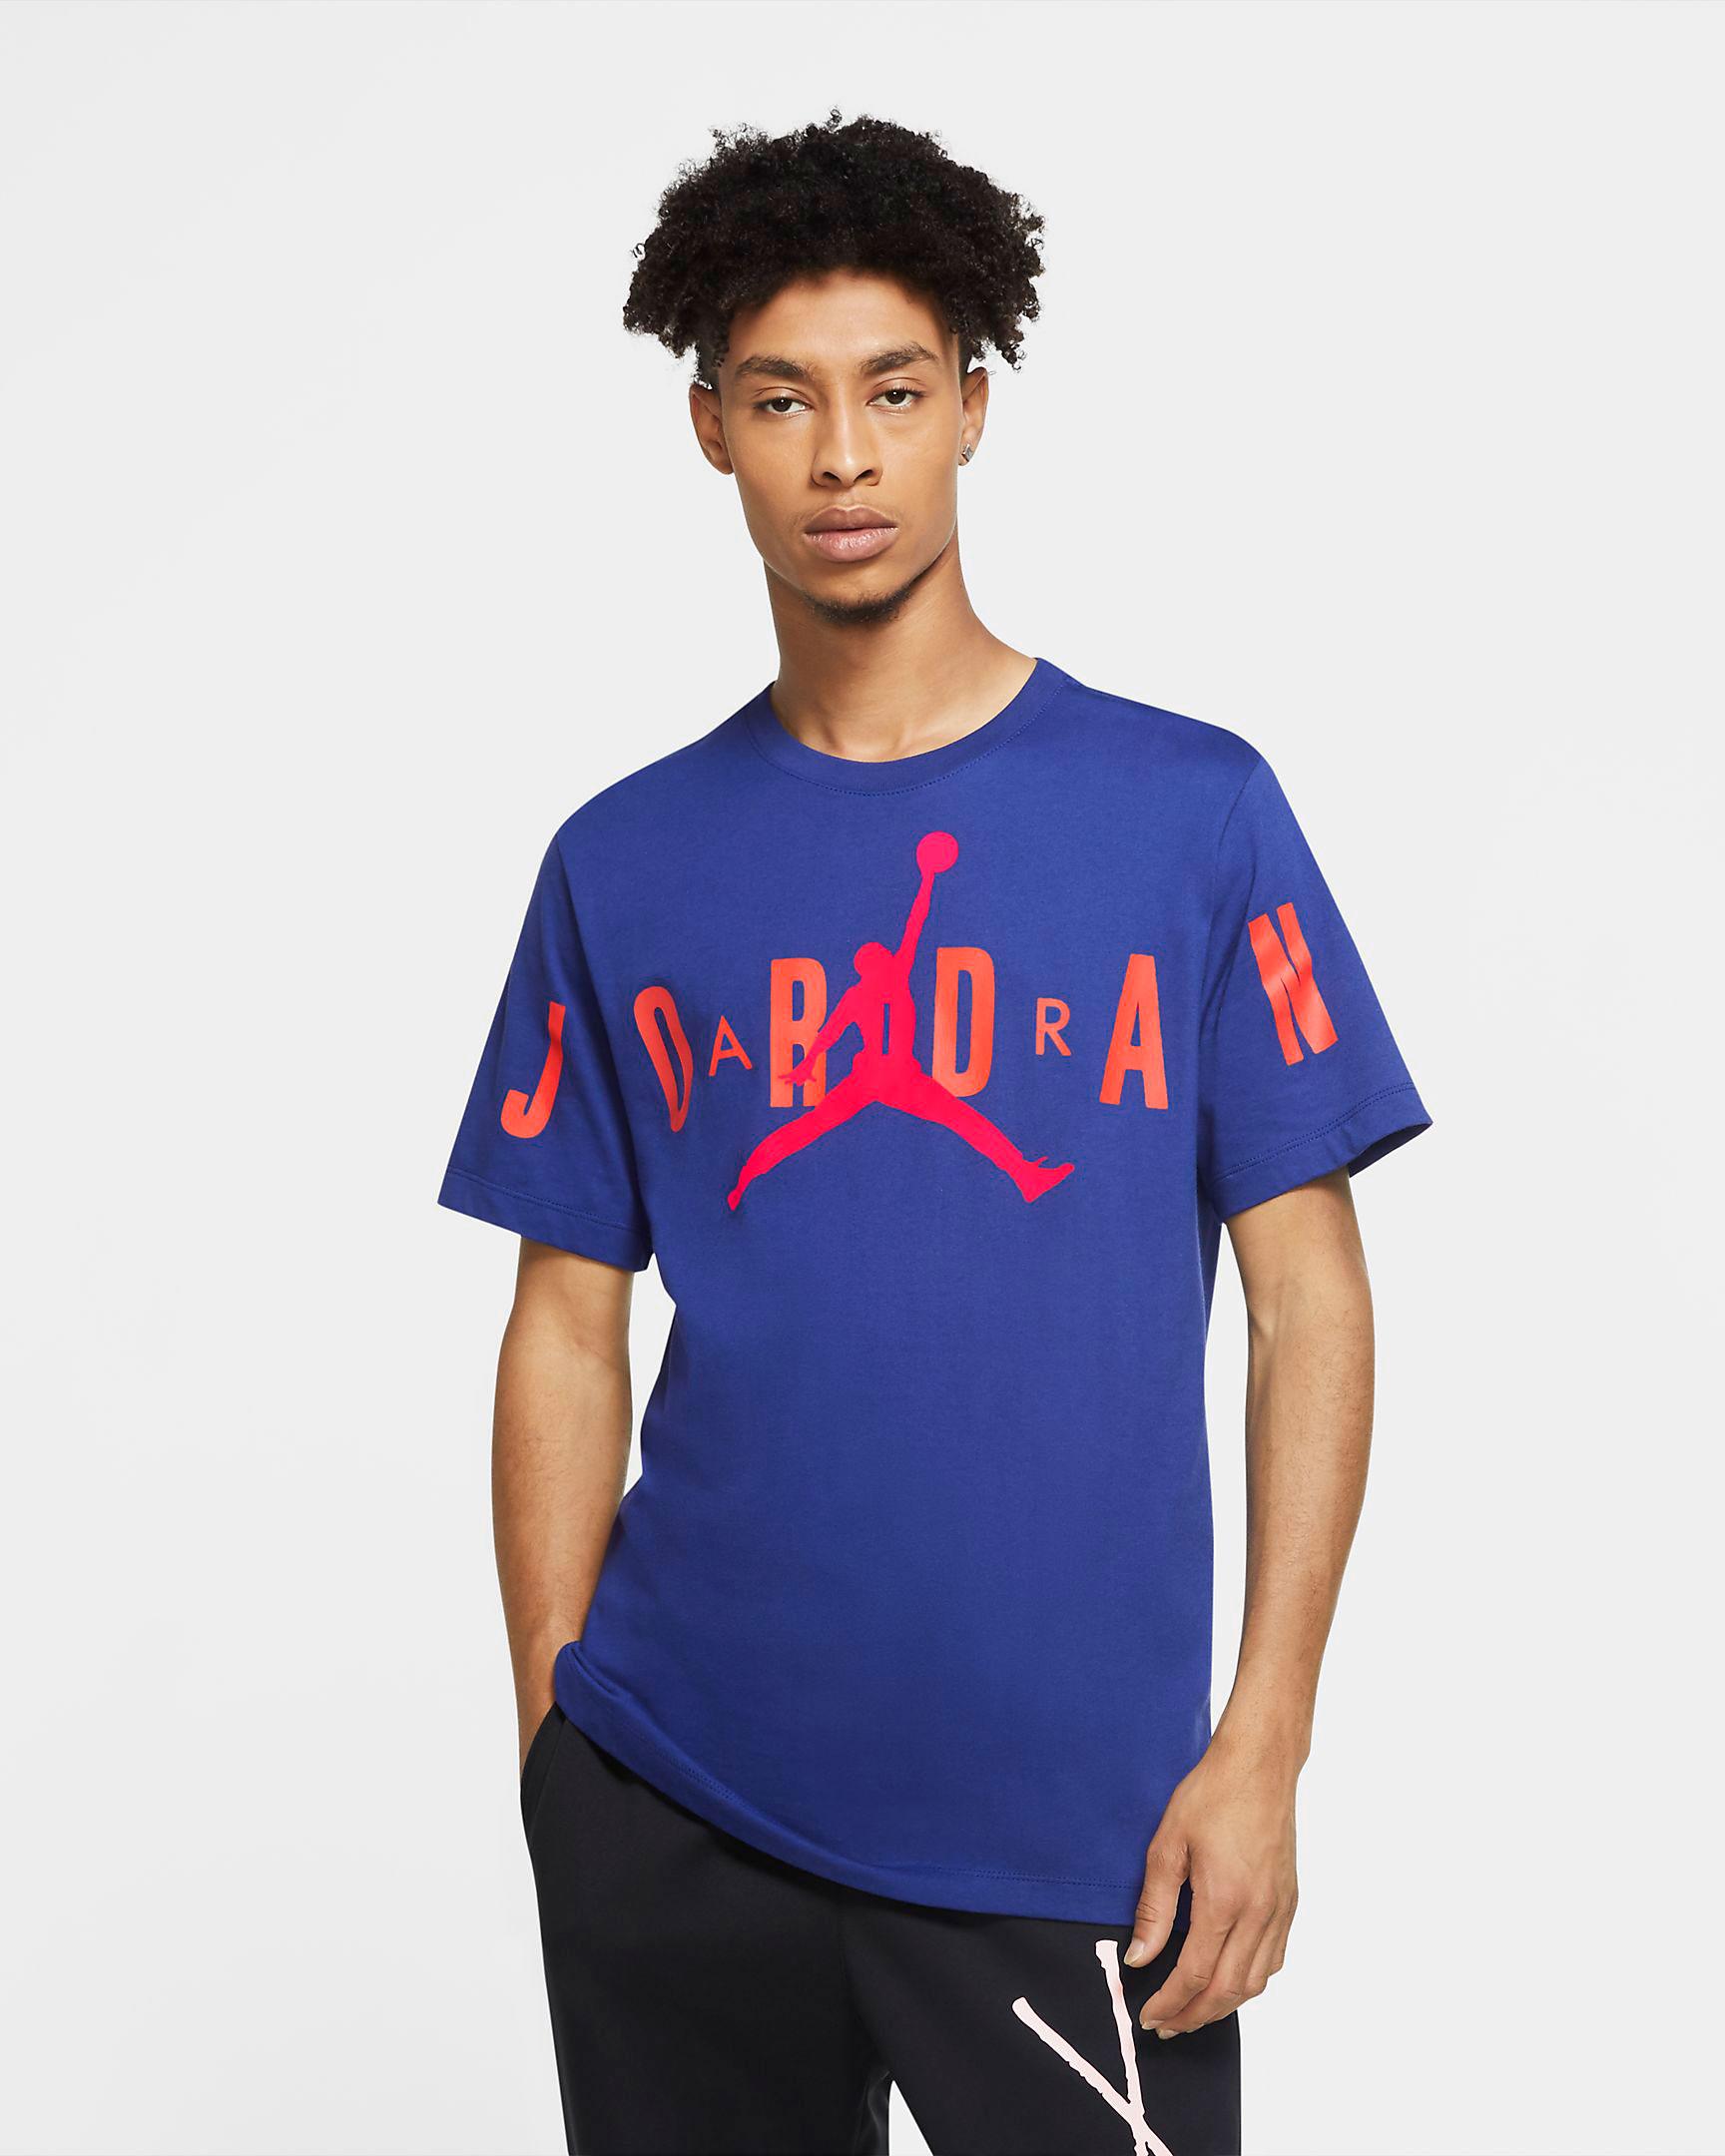 air-jordan-14-hyper-royal-shirt-match-4